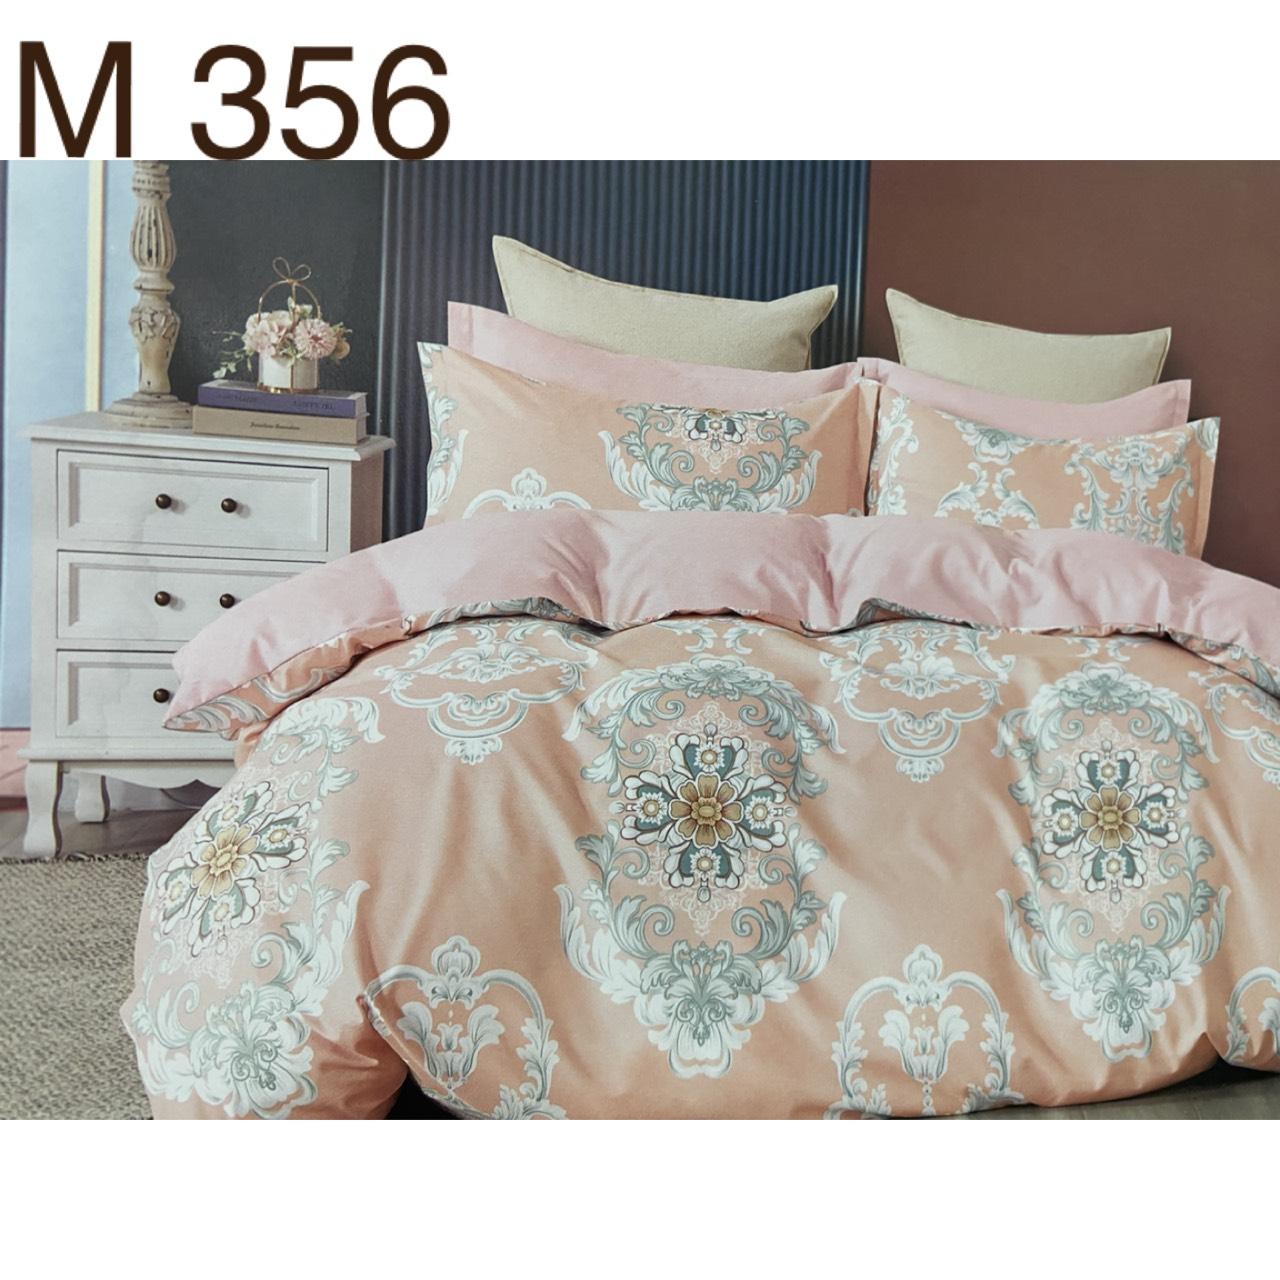 Bộ Chăn Ga Cotton Đũi Loại 1 Hàn Quốc - M356